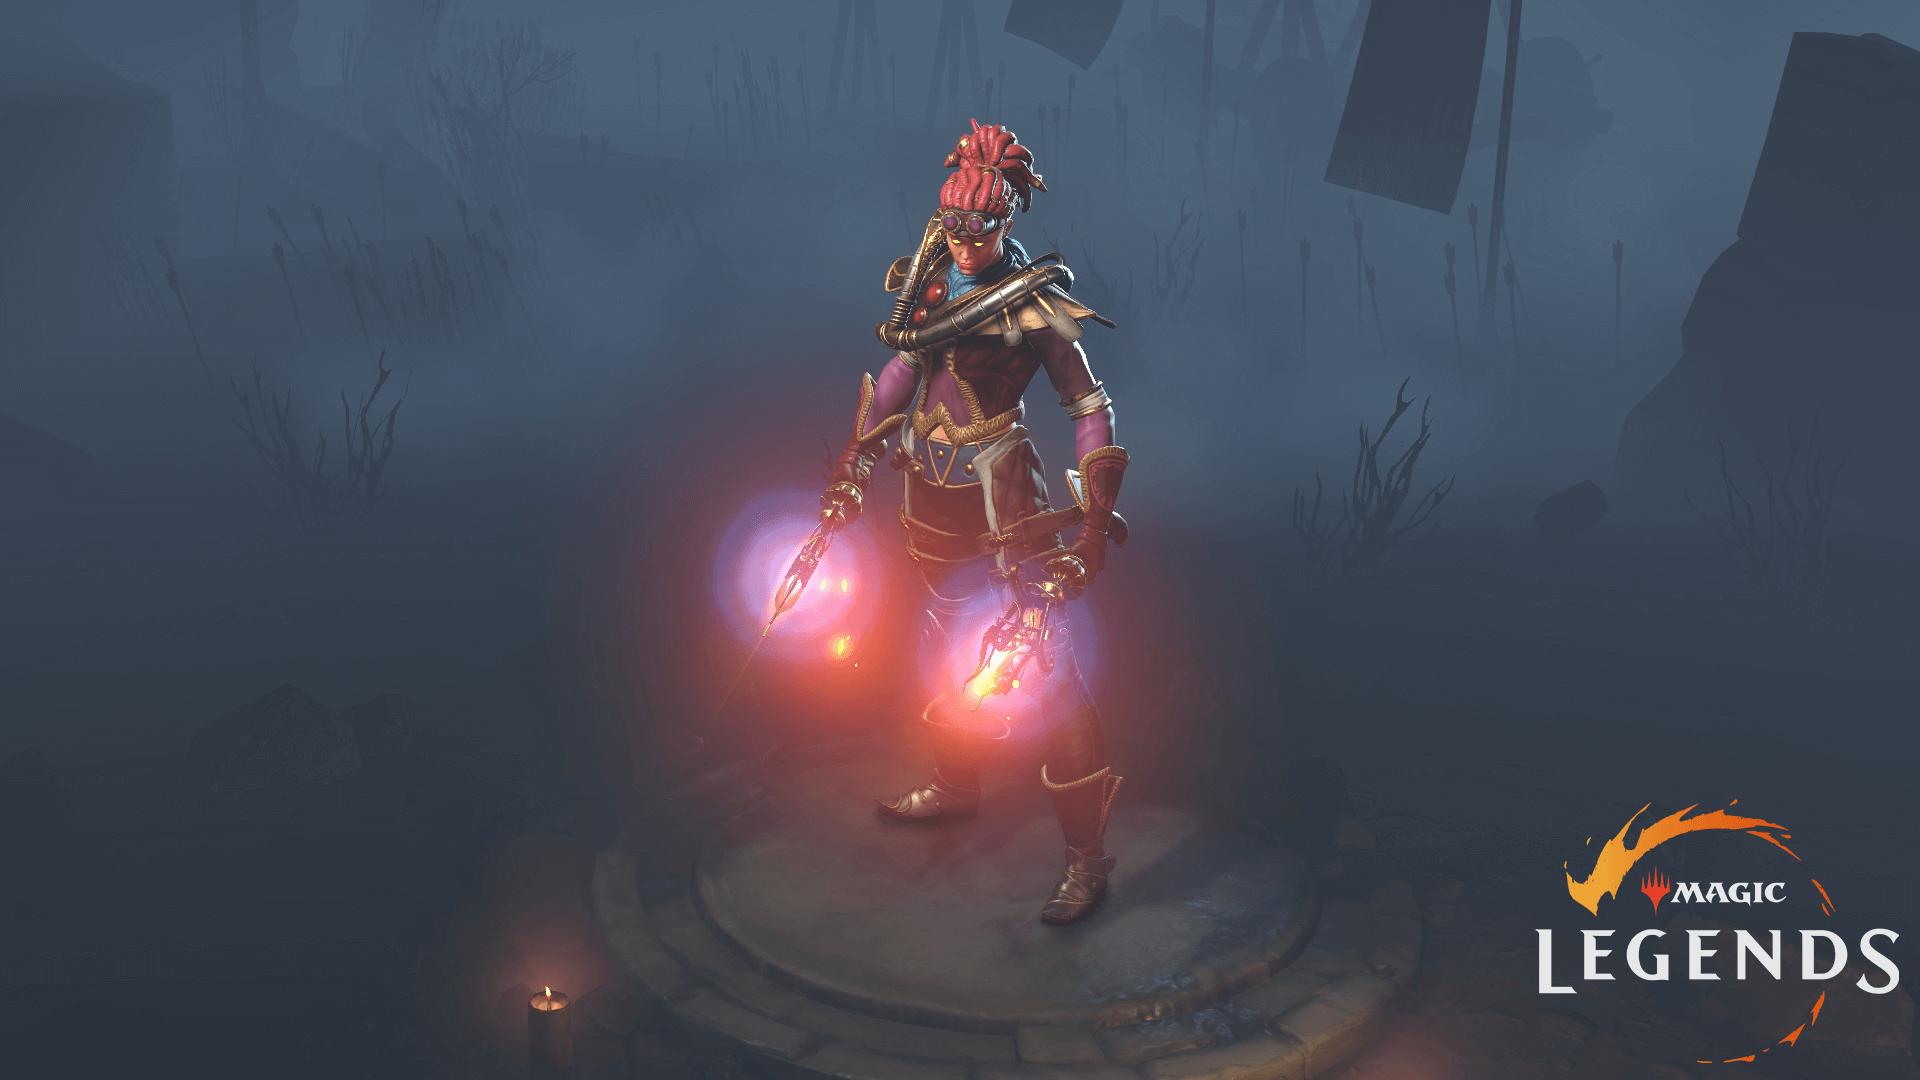 MagicLegends_Pyromancer_Screenshot_01